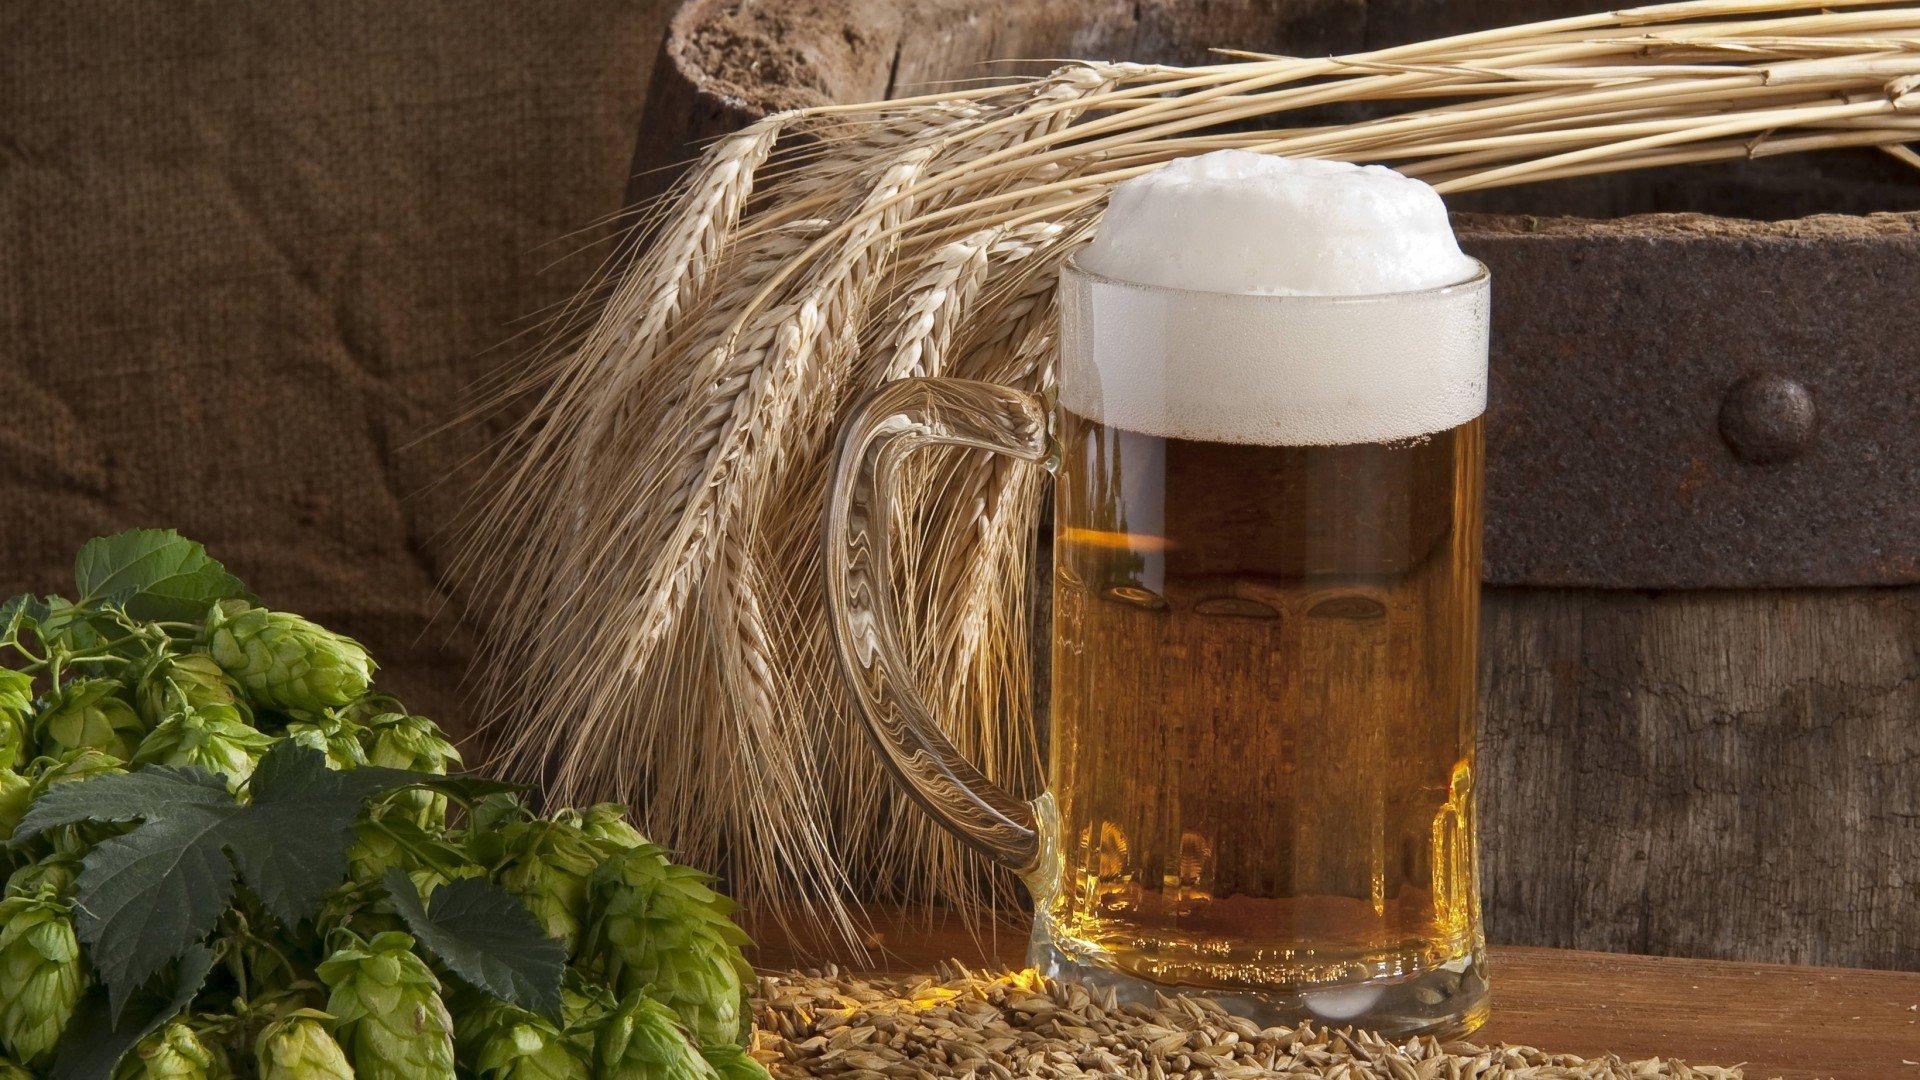 Хмелёфф - пиво в кегах, разливное пиво, живое пиво 26